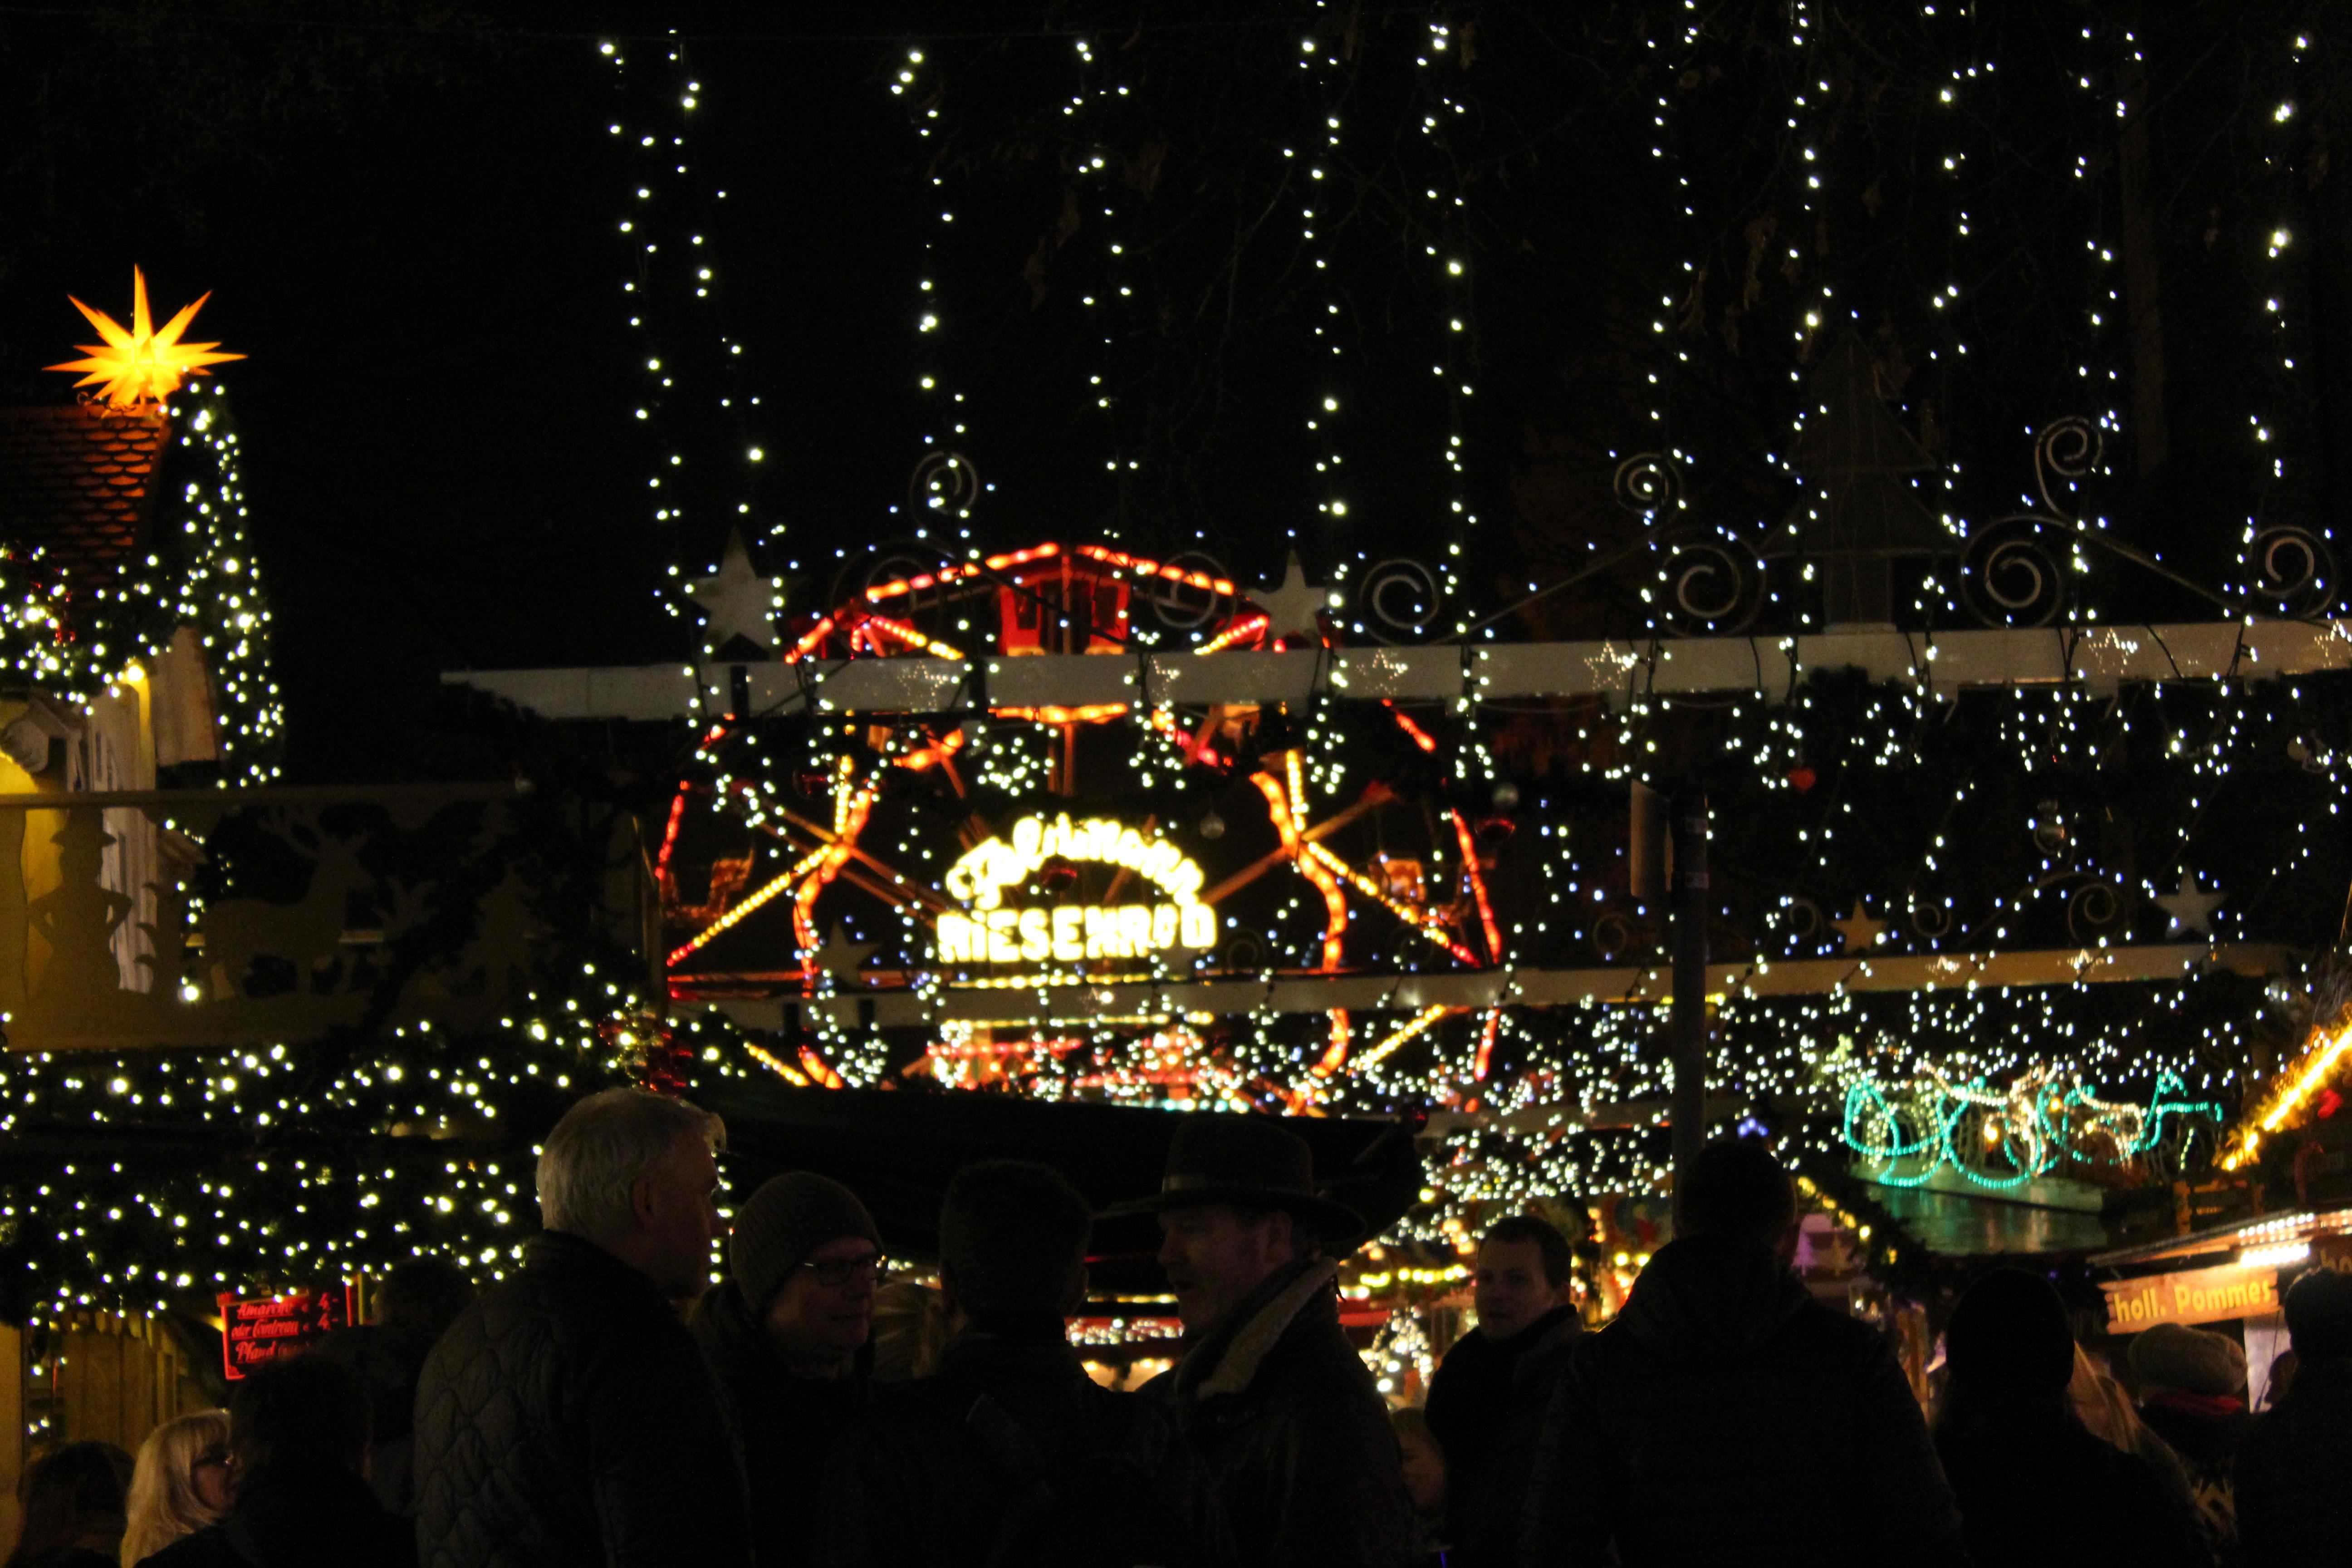 Bielefelder Weihnachtsmarkt.Weihnachtsmarkt Bielefeld Sinnessuche